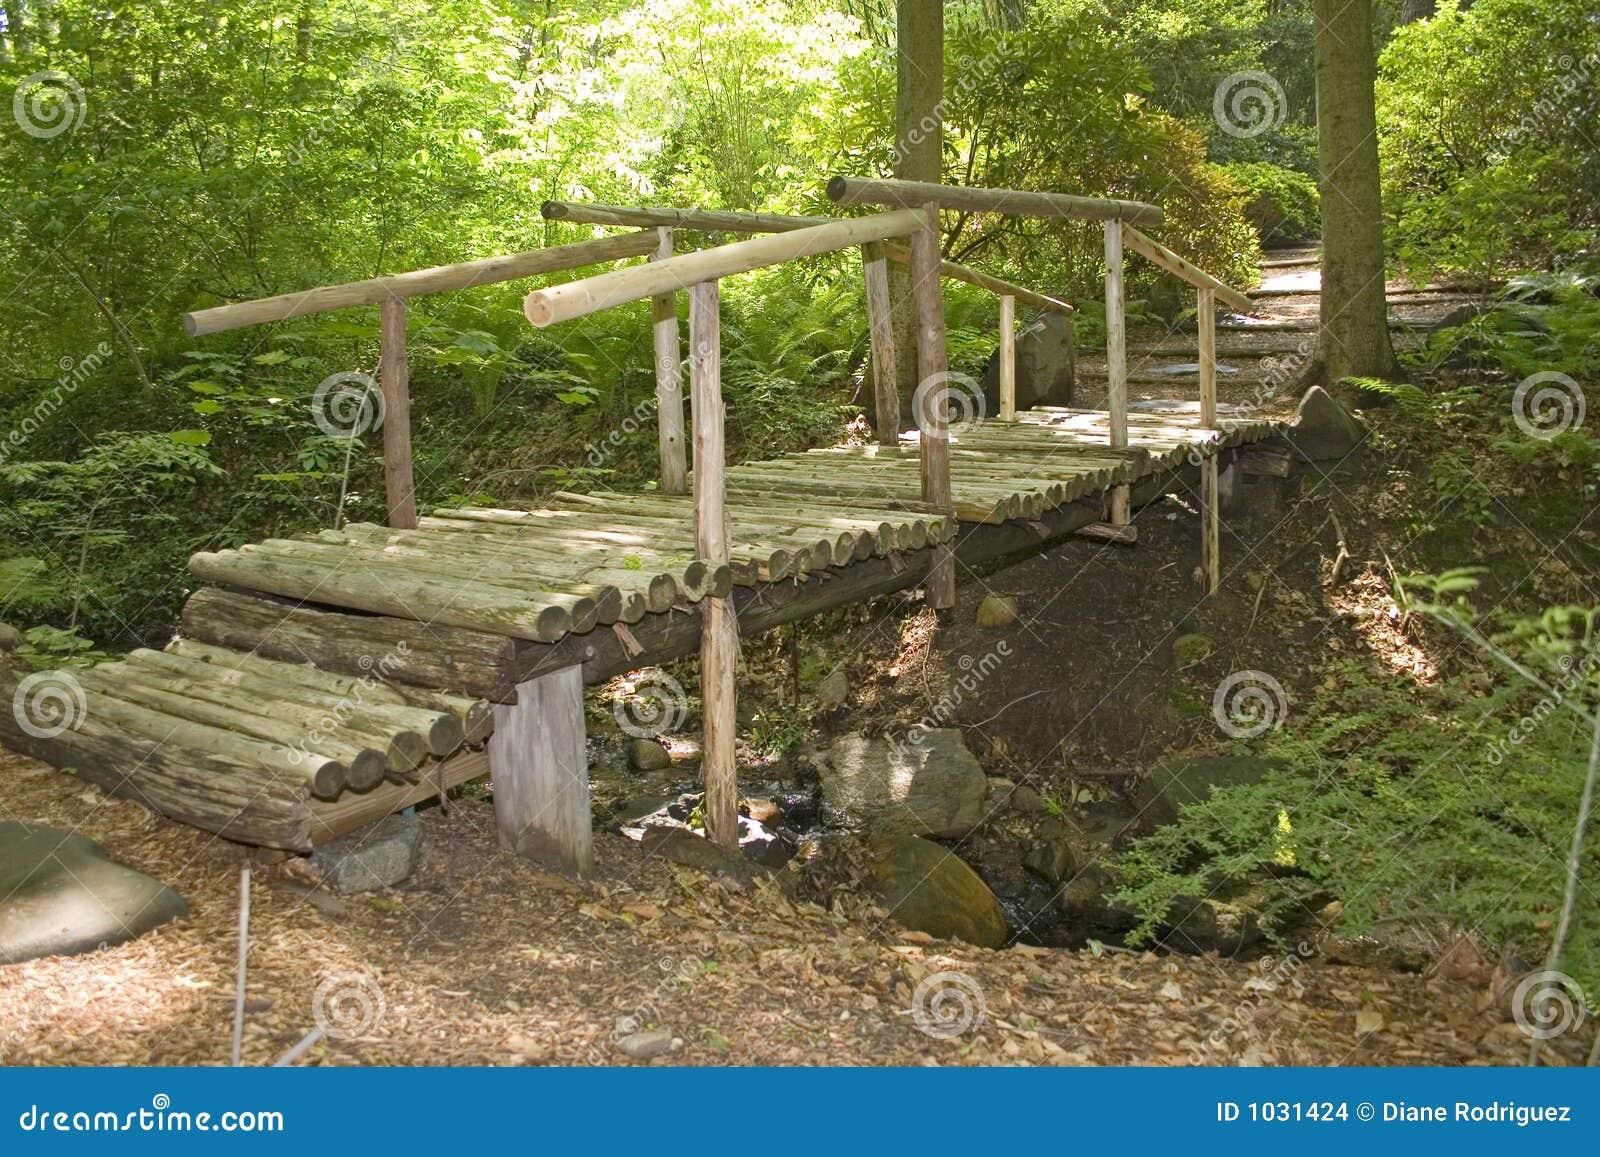 Une passerelle en bois dans un jardin japonais photo stock for Dans in jardin